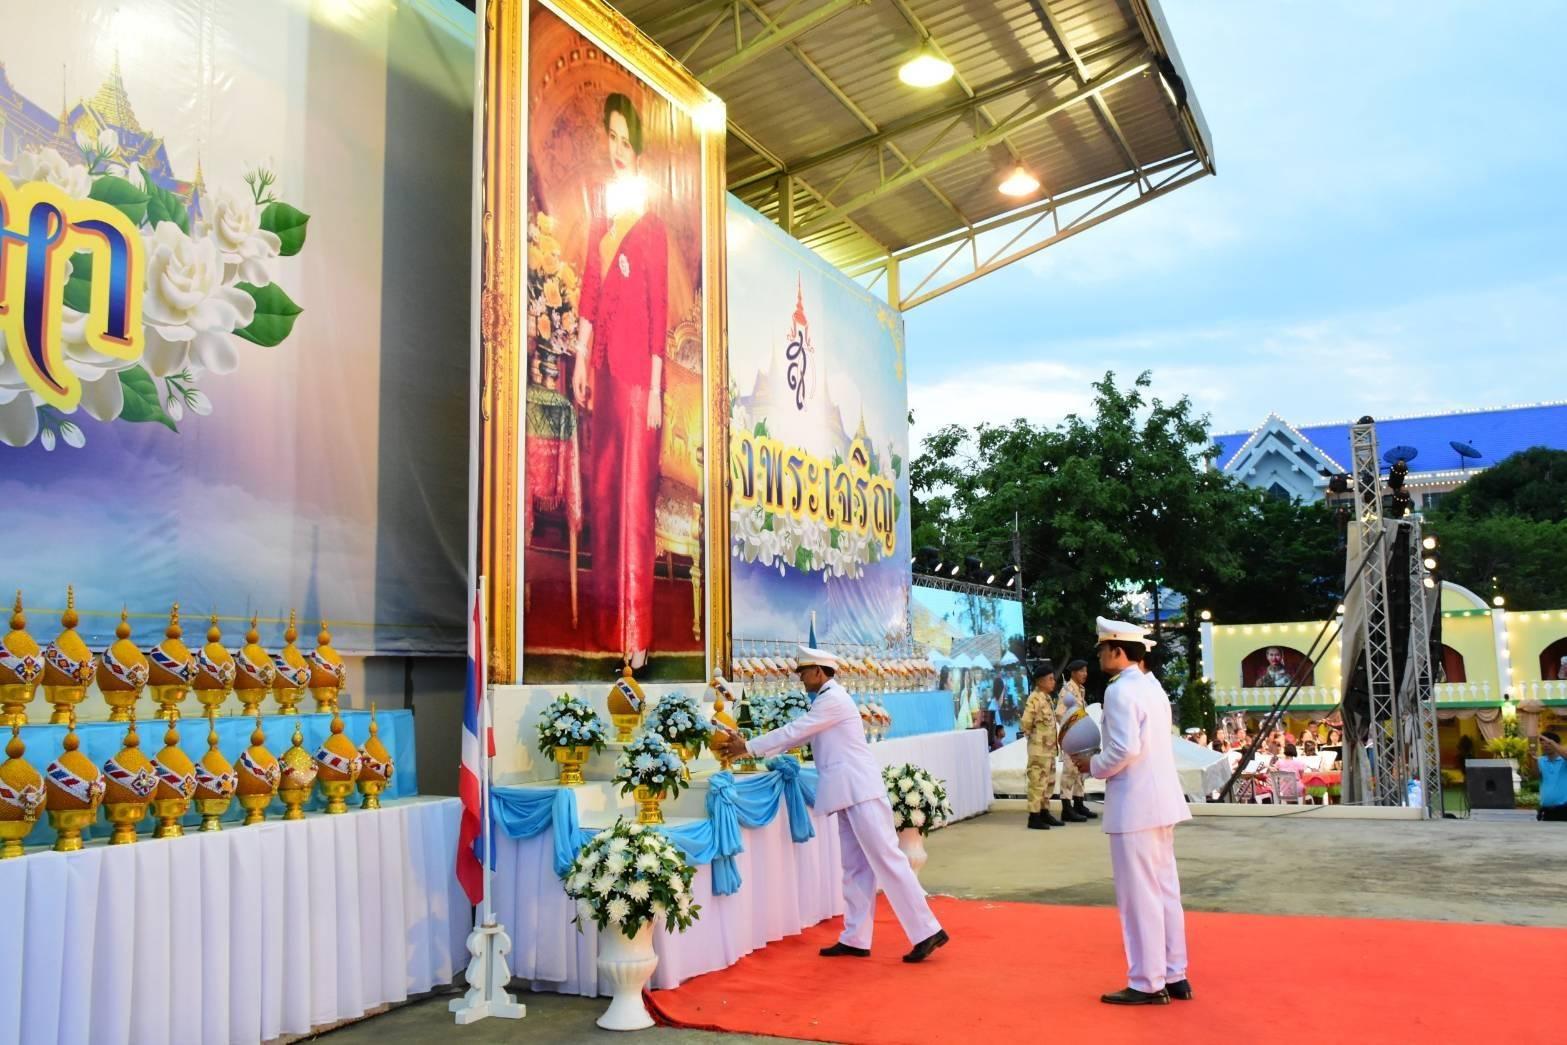 การประปาส่วนภูมิภาคสาขาอ่างทอง ร่วมกิจกรรมเนื่องในโอกาสวันเฉลิมพระชนมพรรษาสมเด็จพระนางเจ้าสิริกิติ์ พระบรมราชินีนาถ พระบรมราชชนนีพันปีหลวง ประจำปีพุทธศักราช 2562